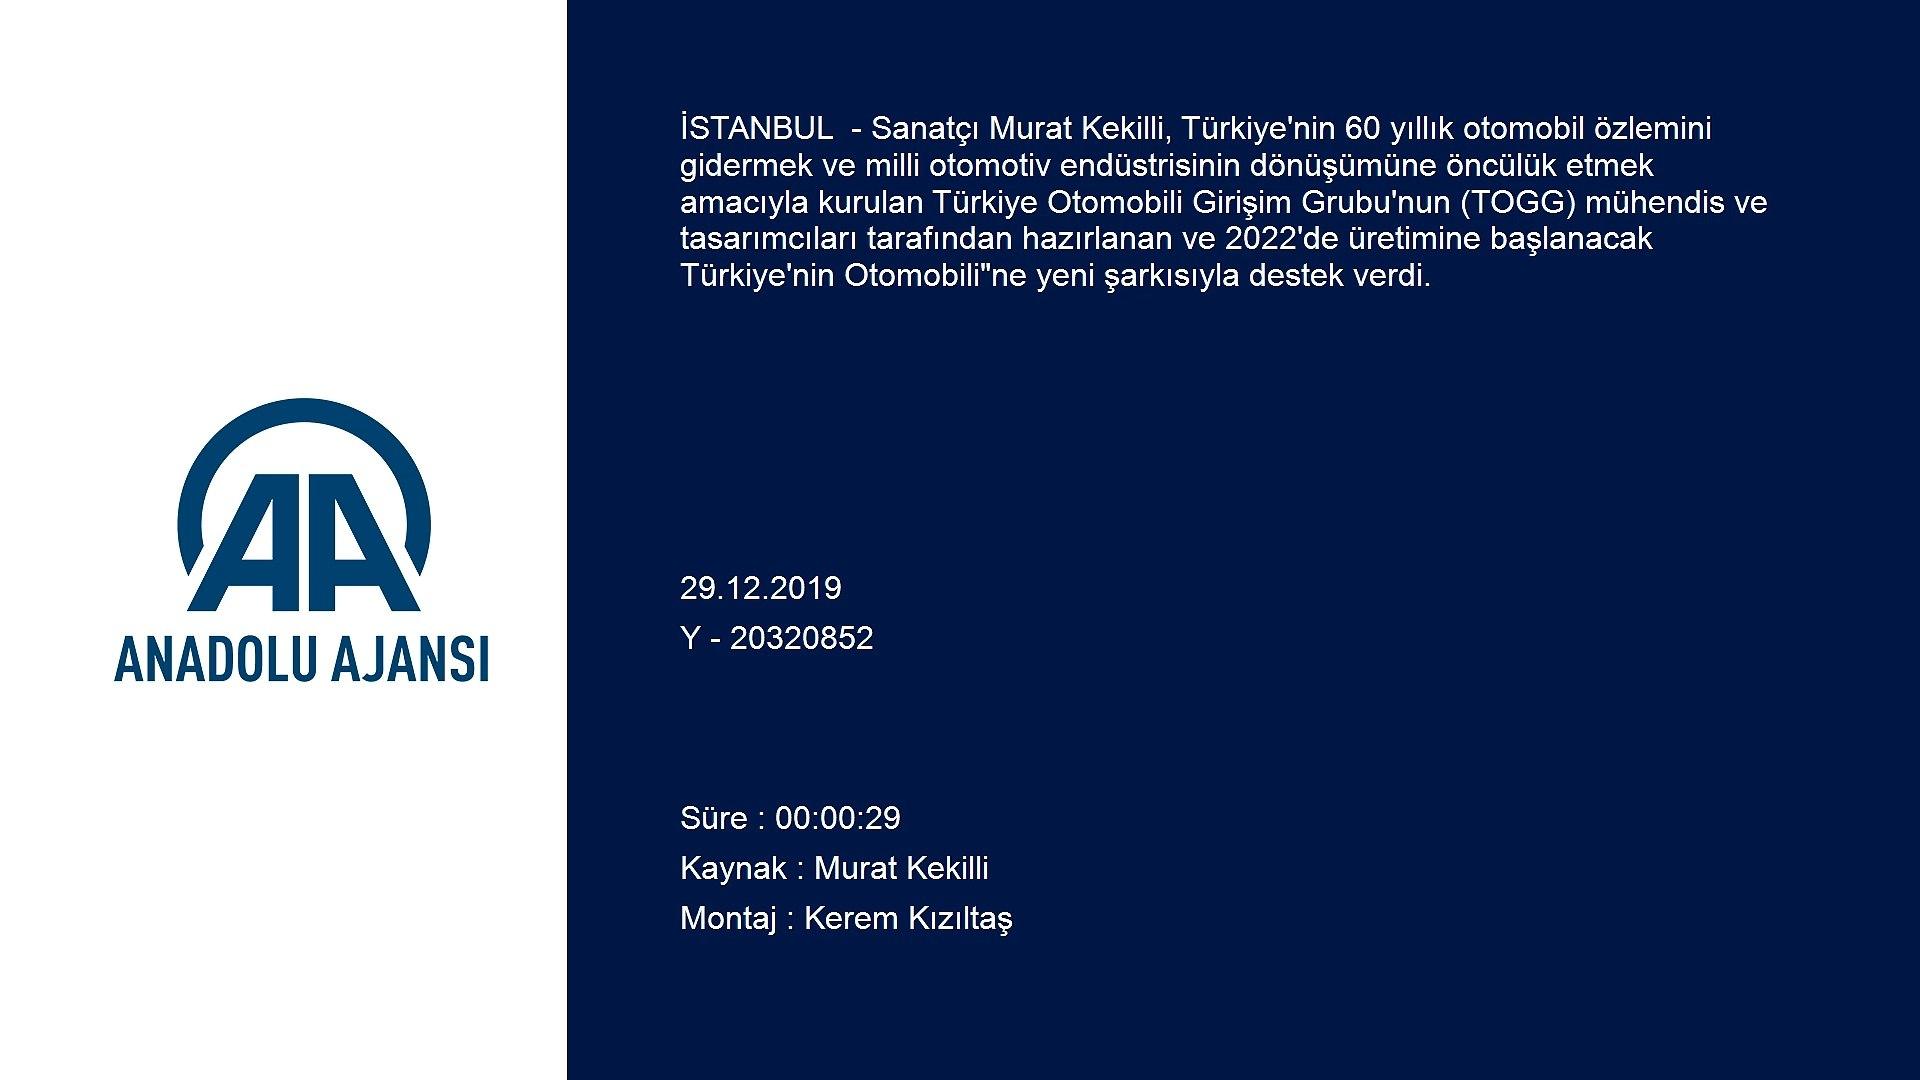 Sanatçı Murat Kekilli'den, 'Türkiye'nin Otomobili'ne destek şarkısı - İSTANBUL